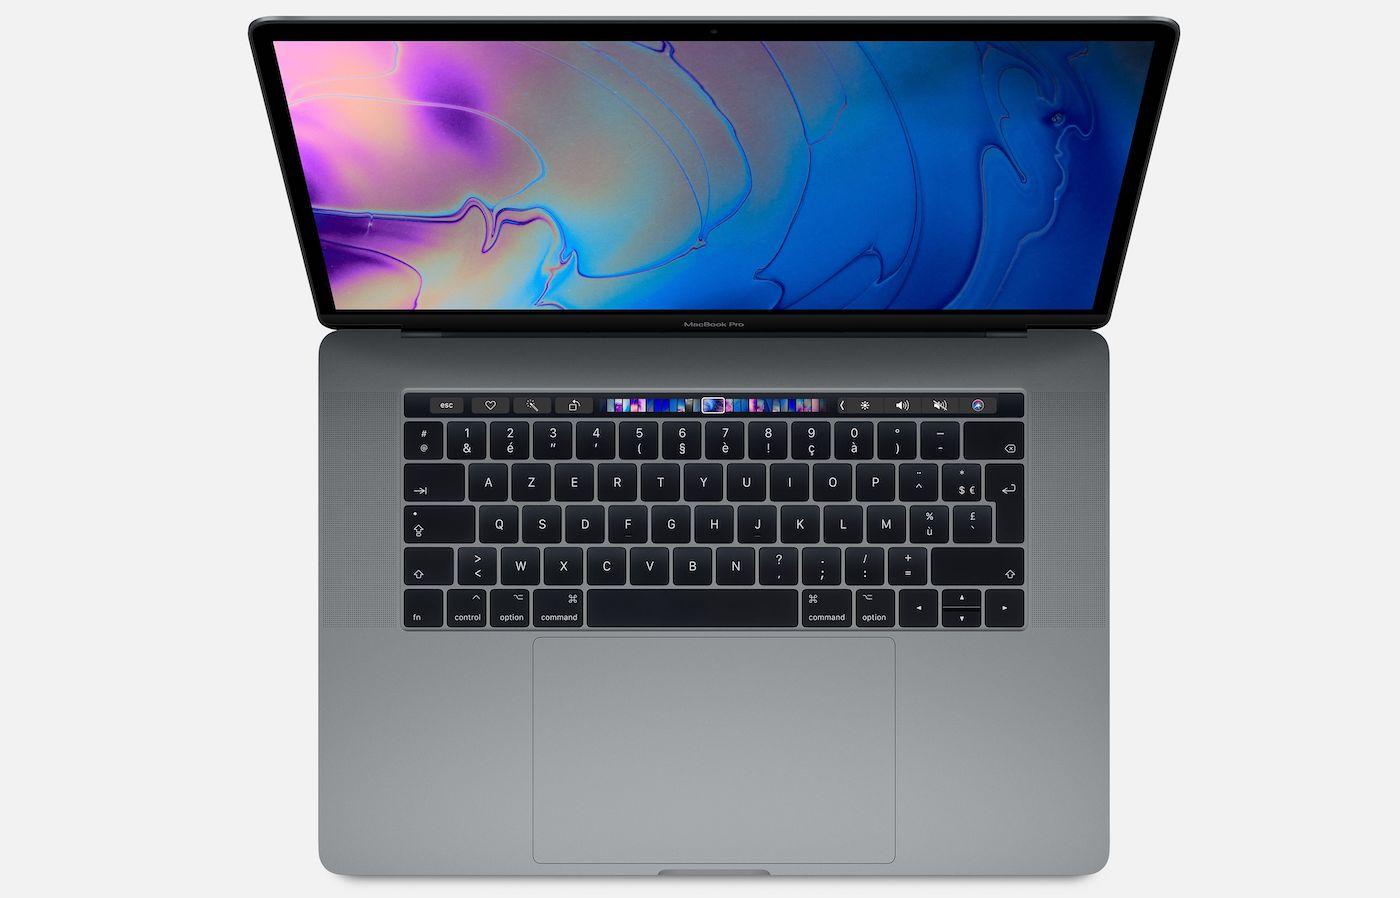 MacBook Pro 2018 15 Pouces Touch Bar - Apple actualise son catalogue et propose à 1499€ le Macbook Pro avec Touch Bar